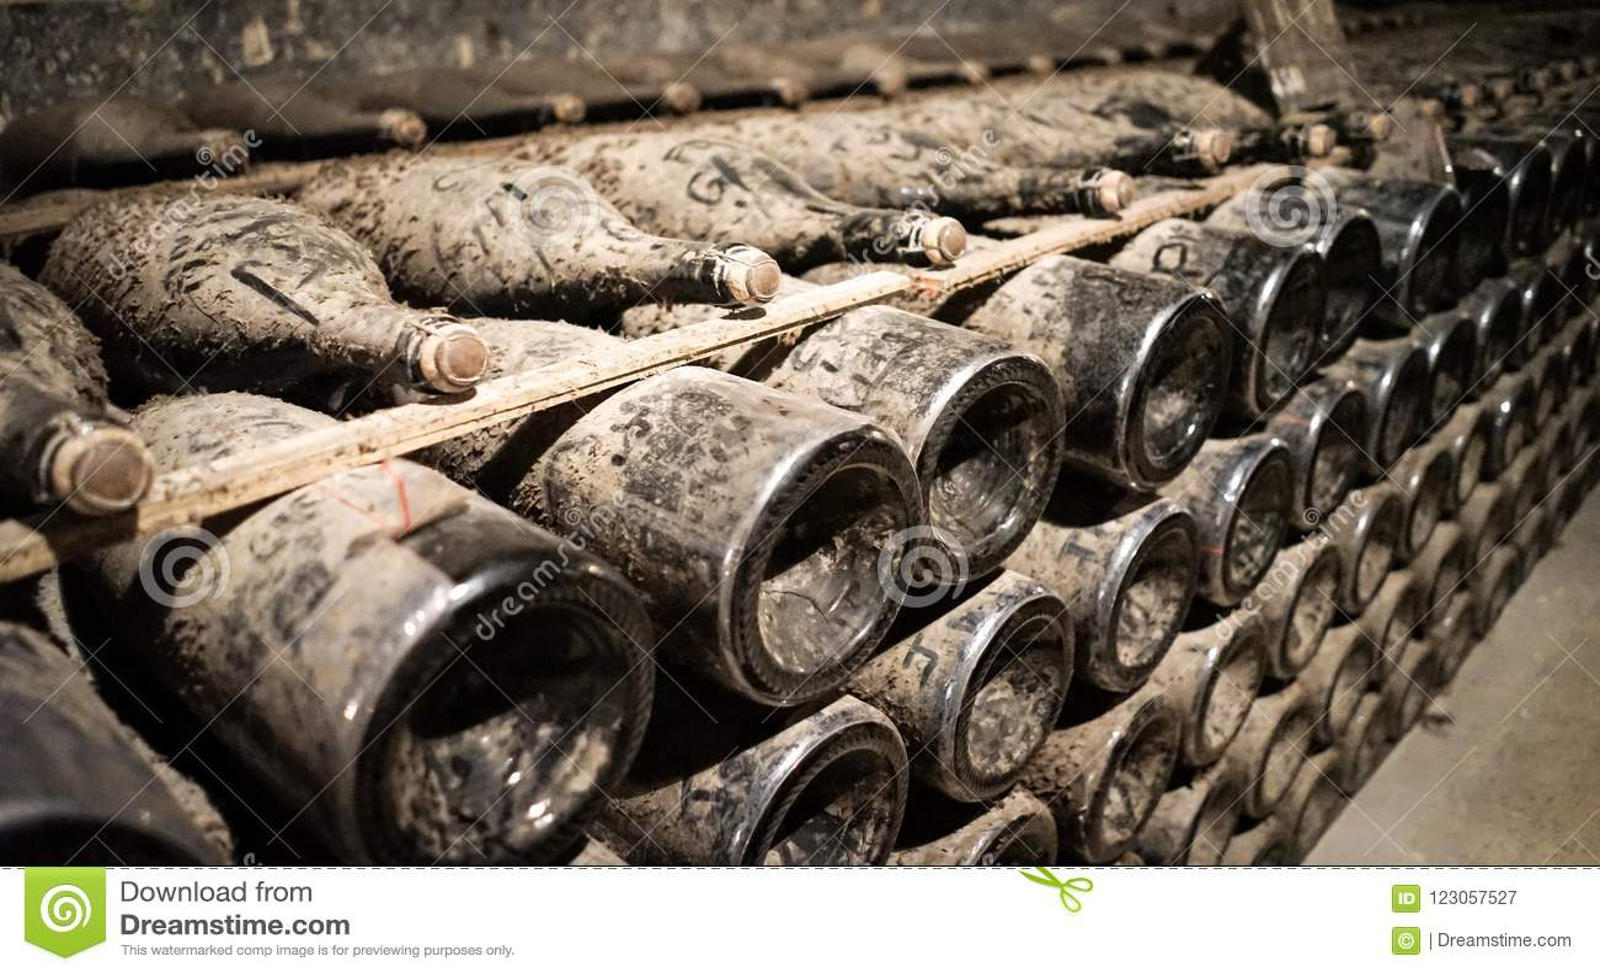 La vigne de Champagne met des actions en bouteille en sous-sol